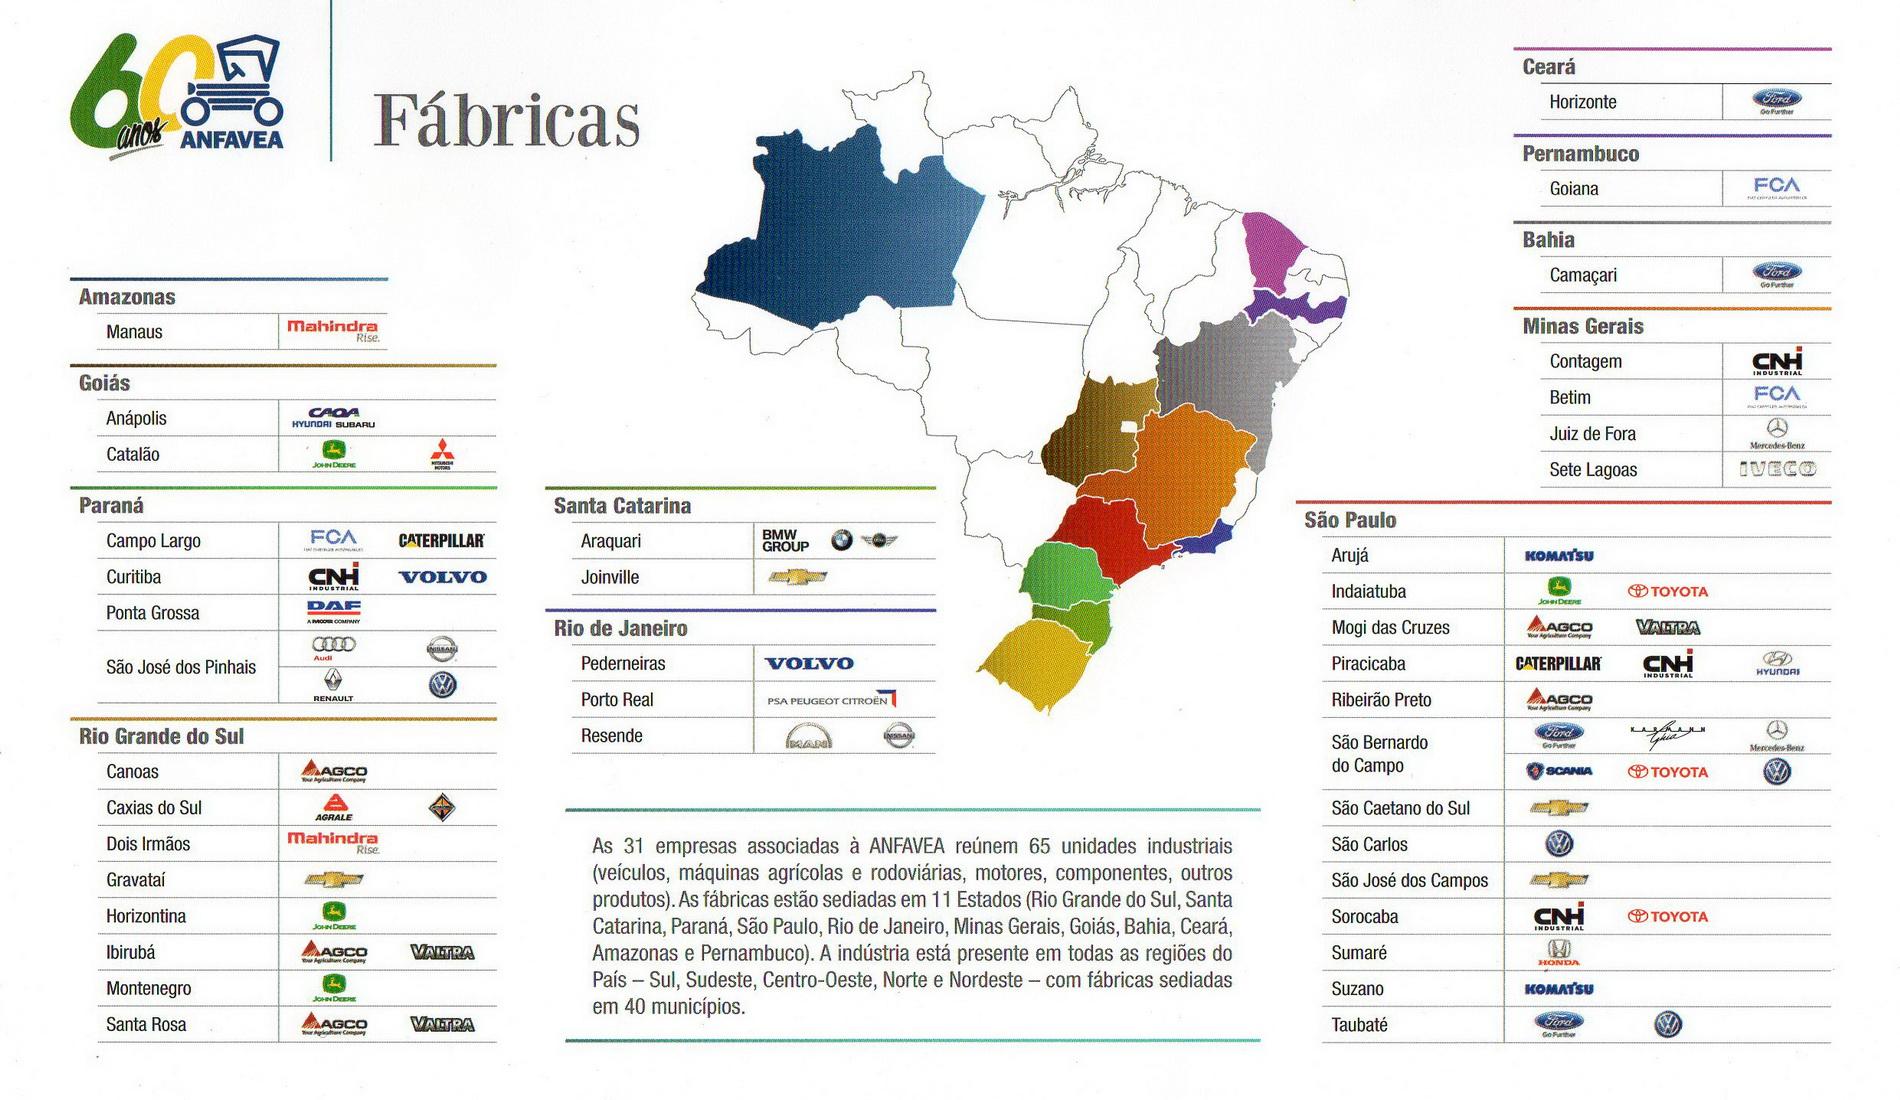 bb92881b5 Todas as fábricas de automóveis do Brasil - Carros UOL - UOL Carros